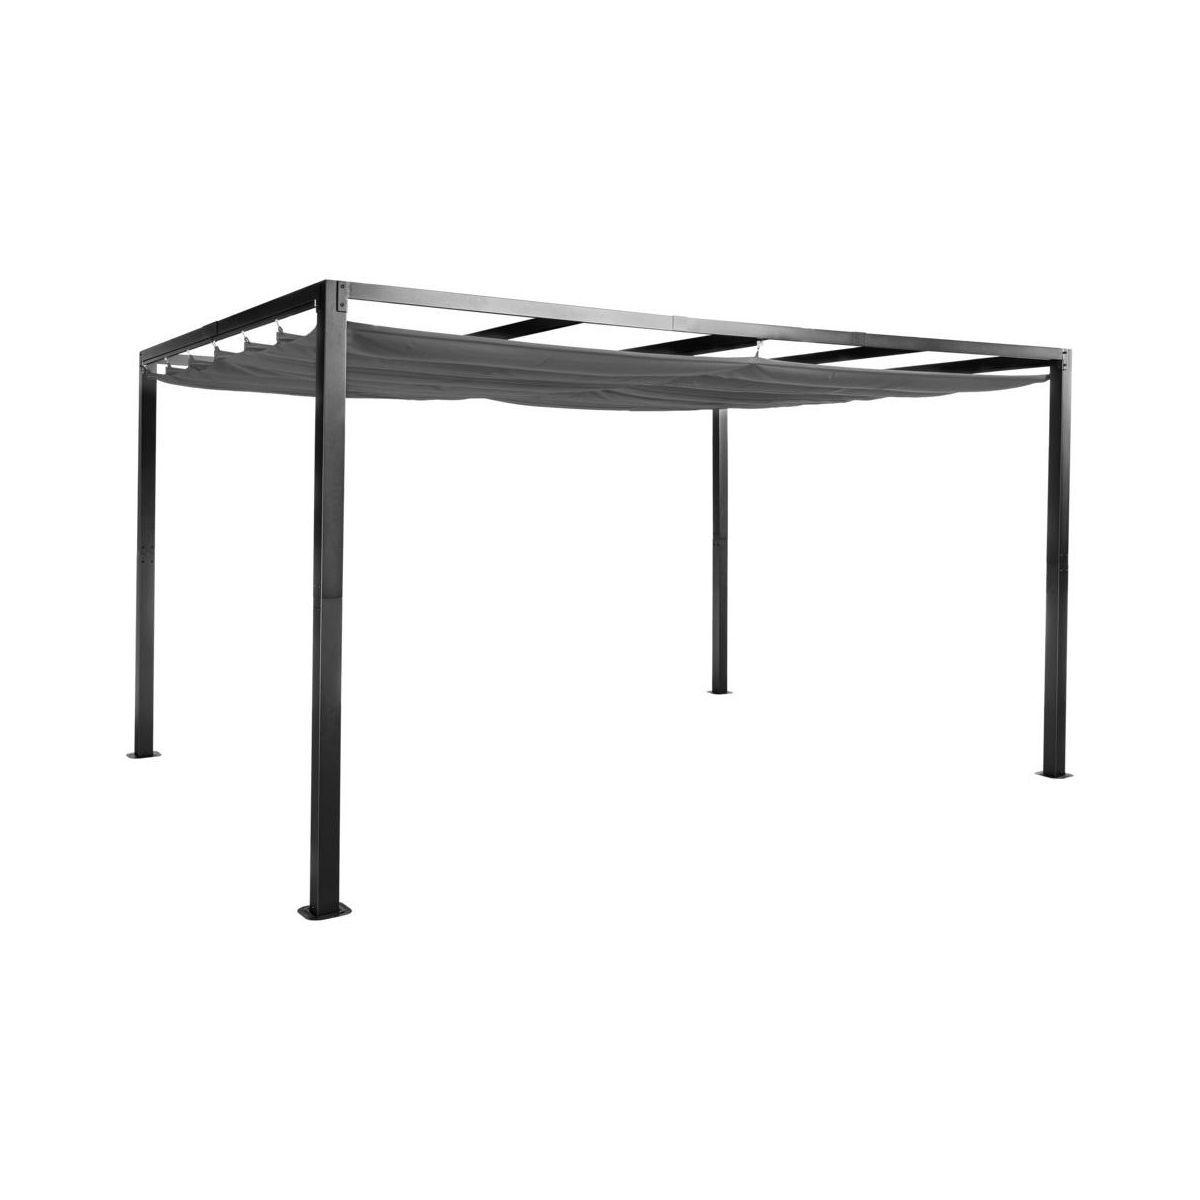 Pawilon Ogrodowy 300 X 400 Cm Pergola Szary Ze Skladanym Zadaszeniem Pawilony Ogrodowe W Atrakcyjnej Cenie W Sklepach Le Home Decor Folding Table Furniture